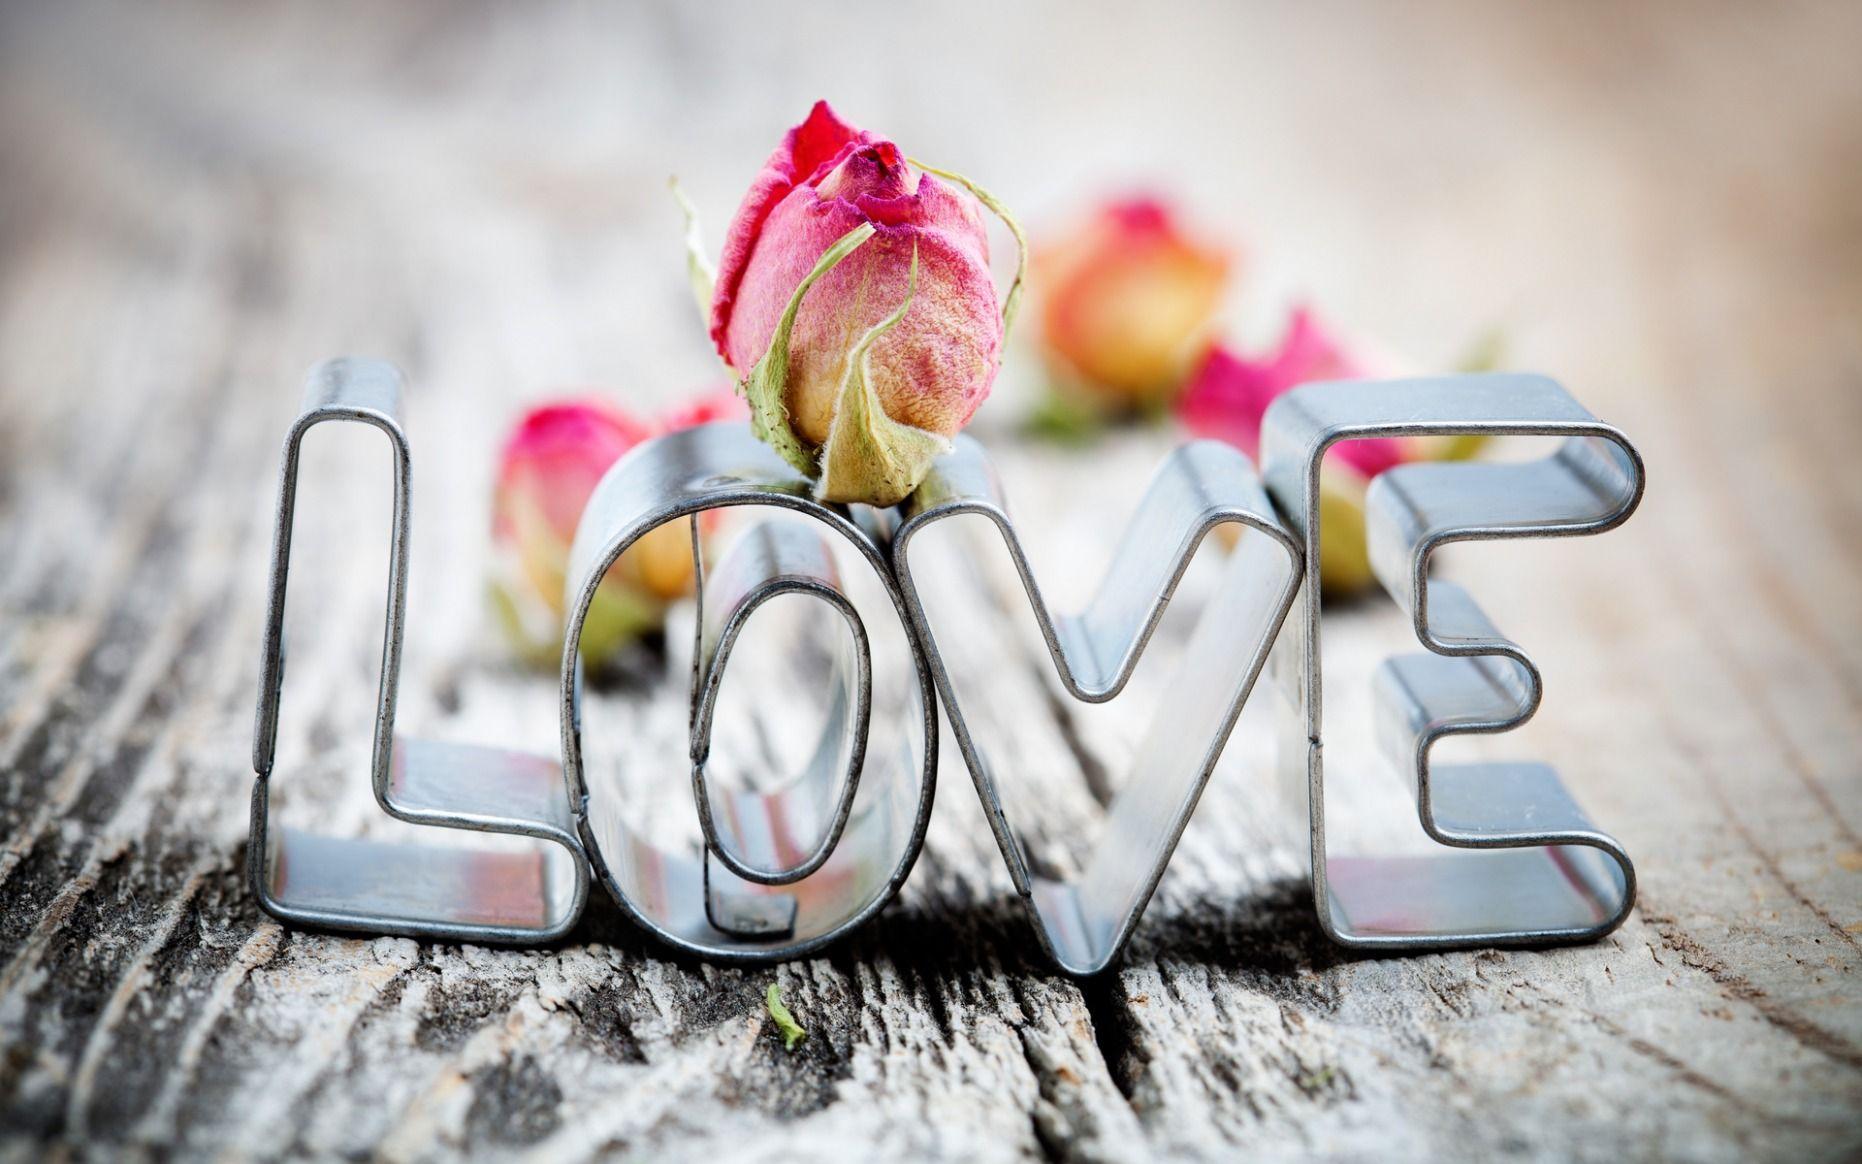 Hình nền tình yêu 1862x1164 Full HD - Hình nền máy tính HD.  12k HD - Tình yêu đầy đủ